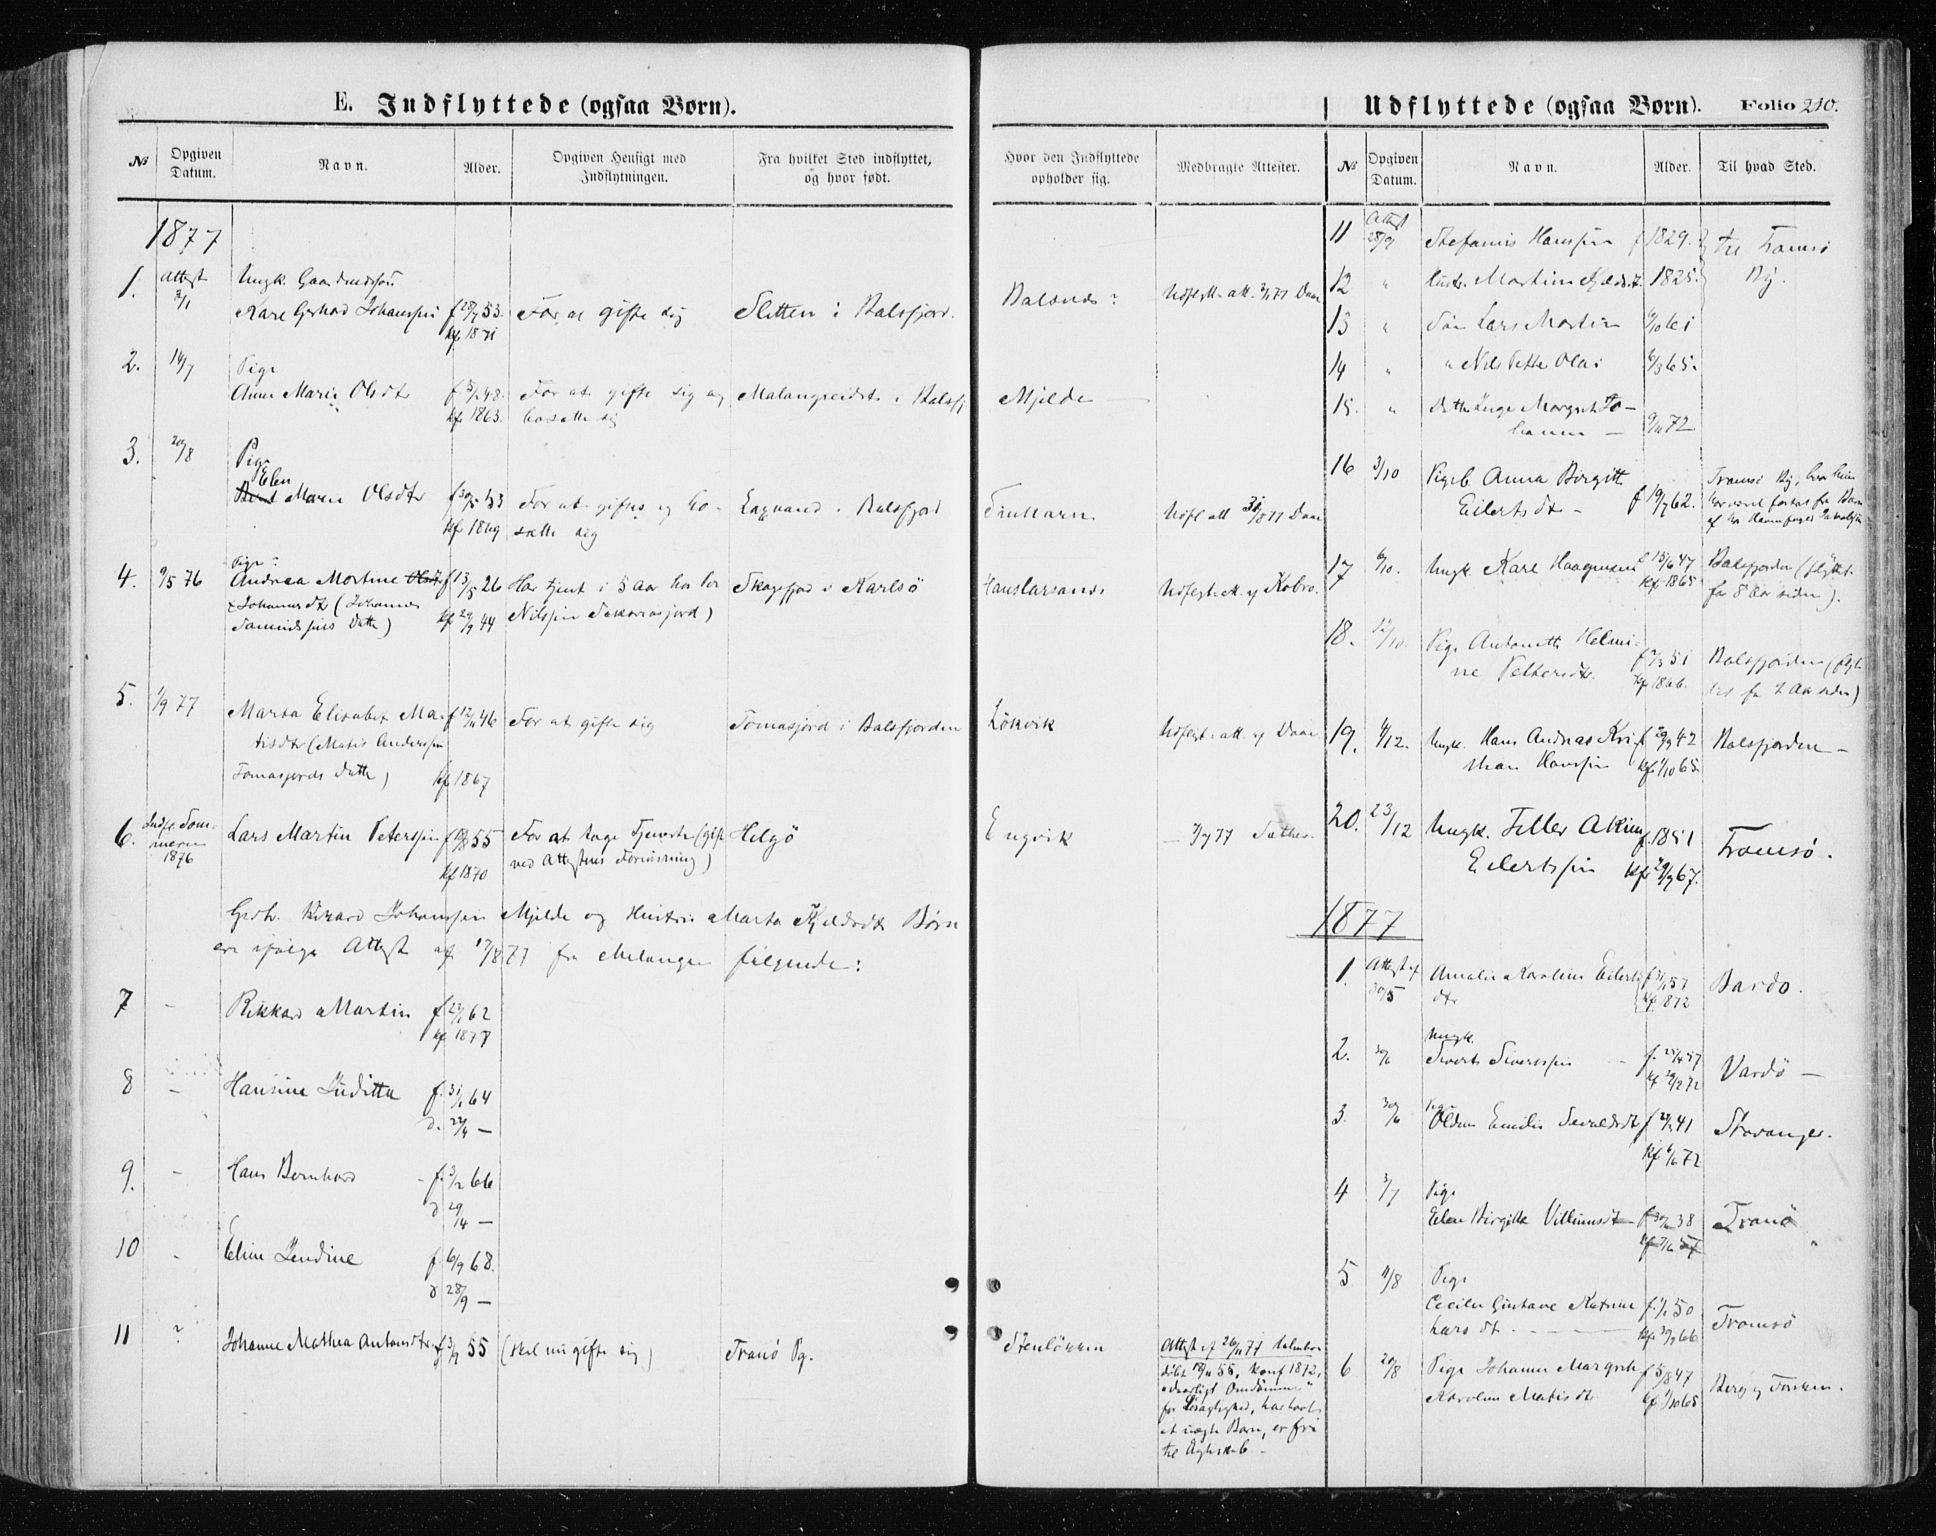 SATØ, Tromsøysund sokneprestkontor, G/Ga/L0003kirke: Ministerialbok nr. 3, 1875-1880, s. 210